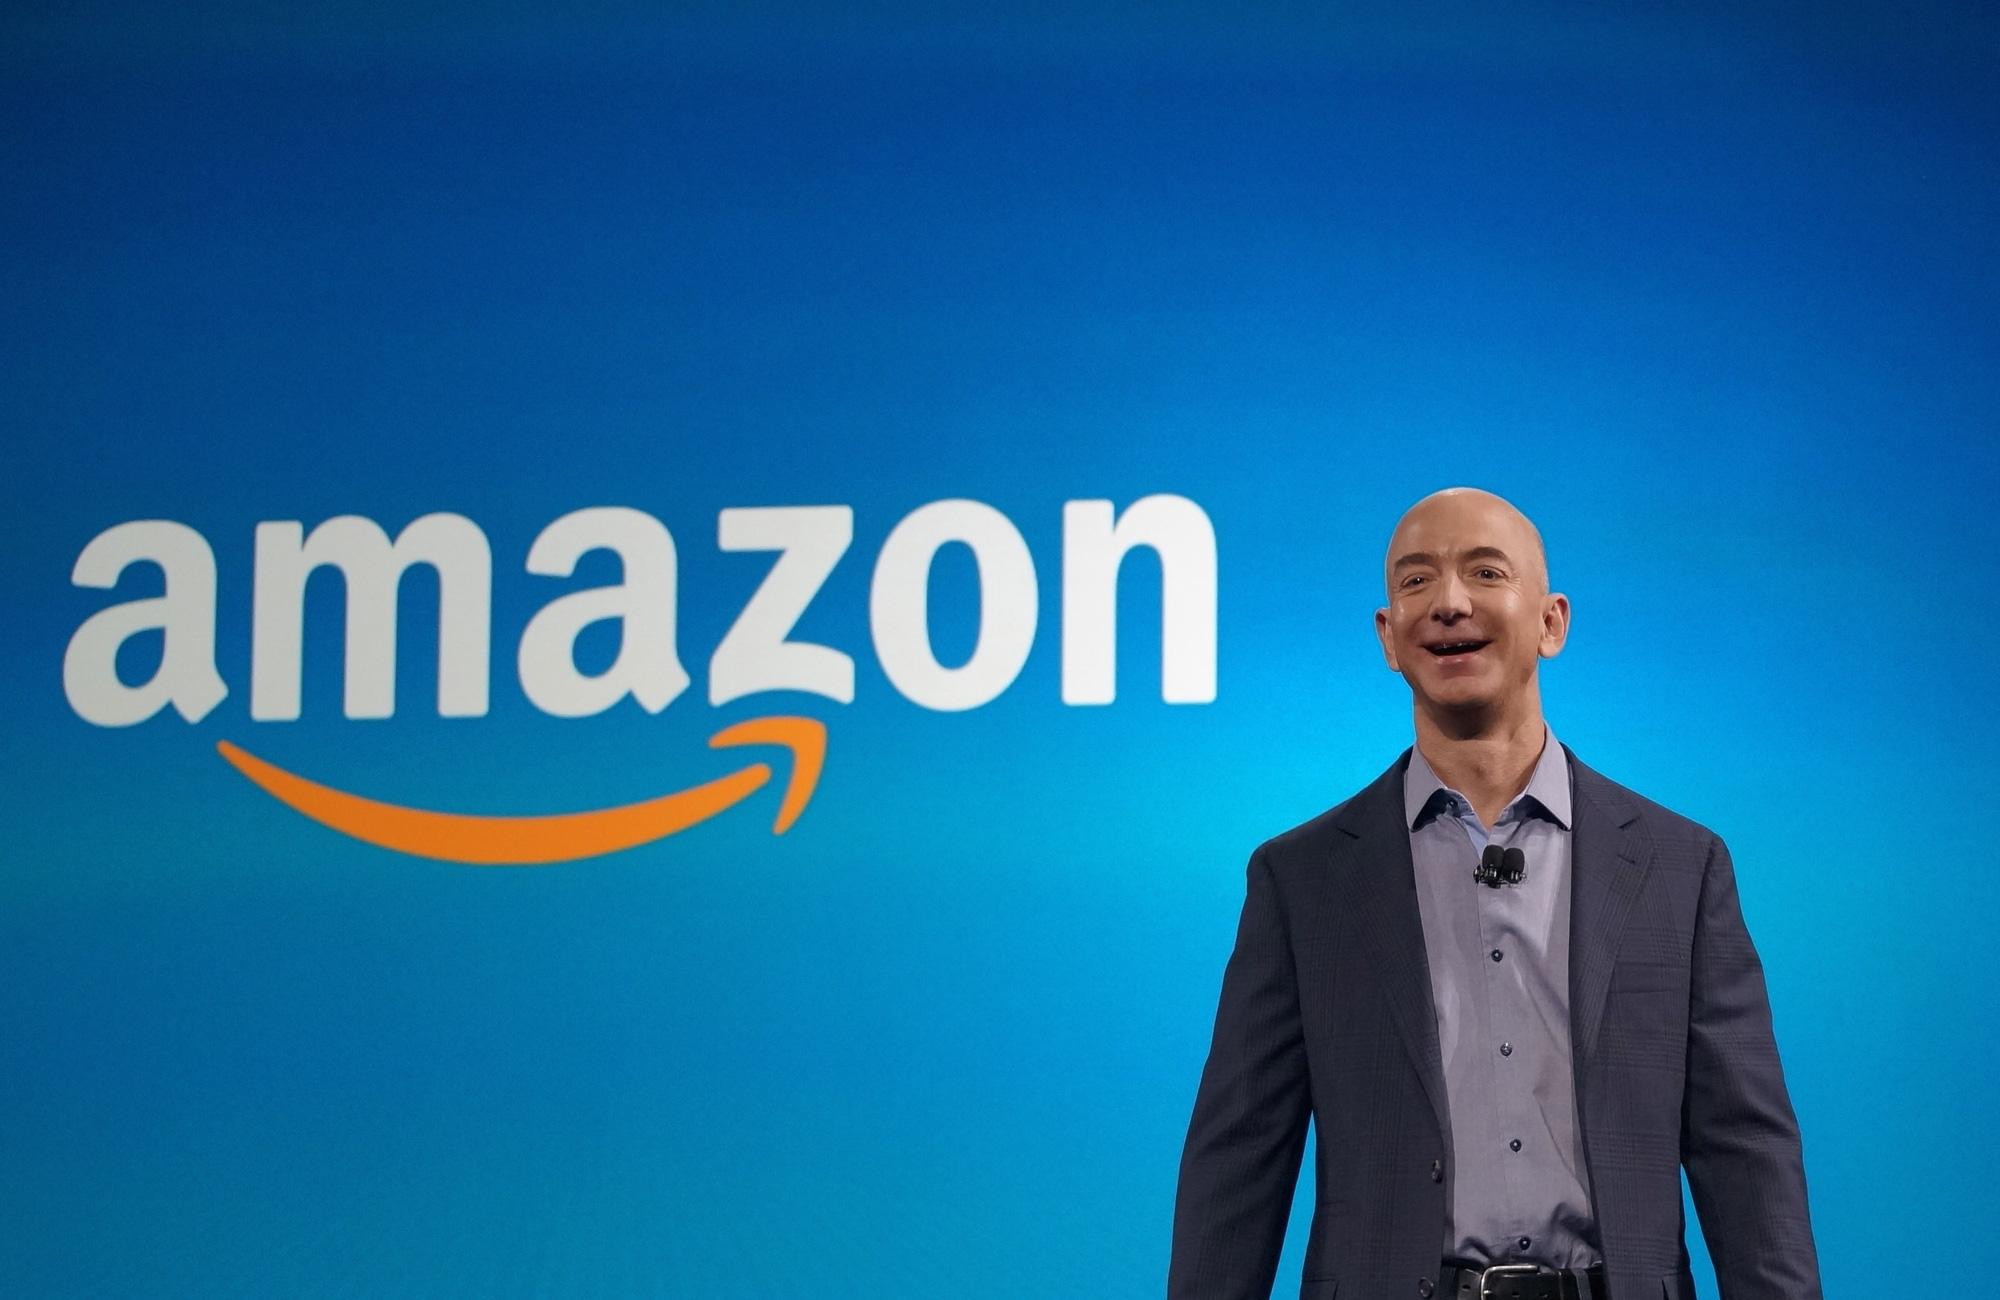 Tỷ phú Jeff Bezos đã làm gì để biến Amazon trở thành đế chế tỷ đô? - Ảnh 2.